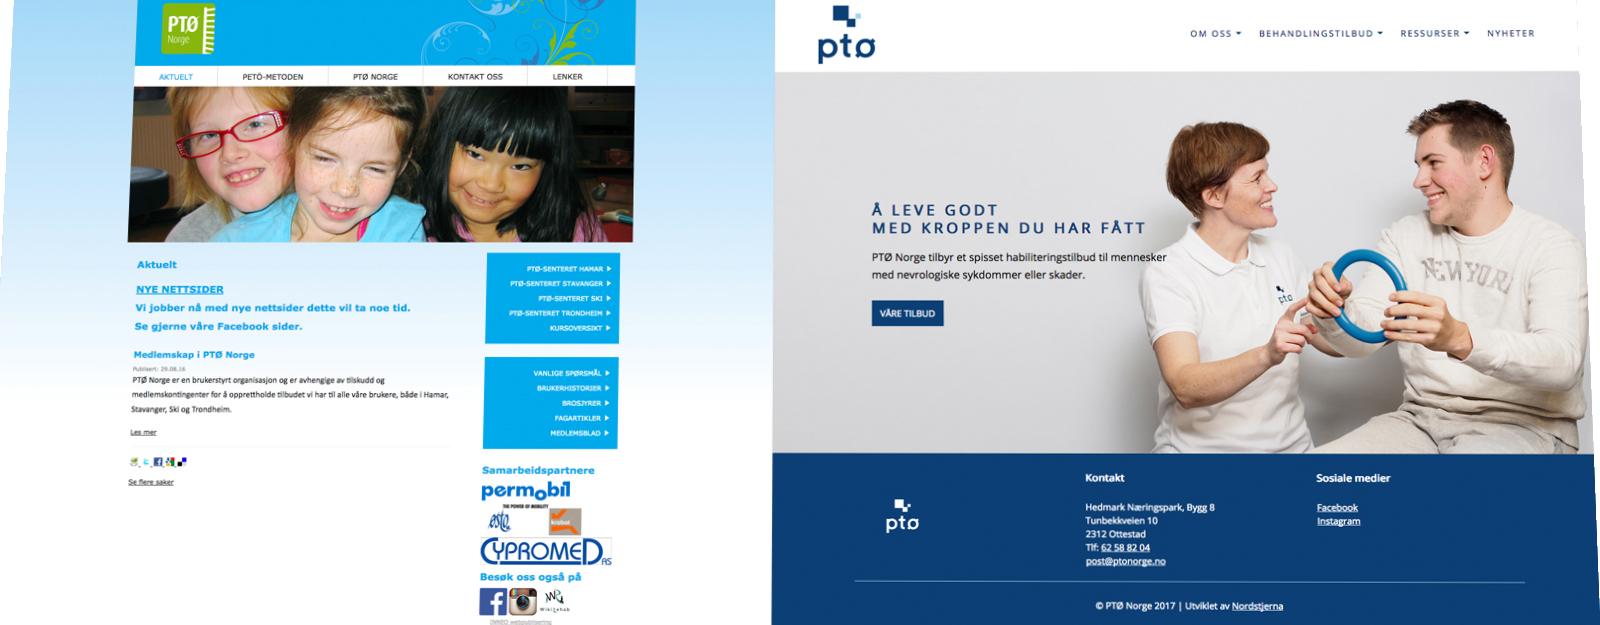 PTØ Norges nye nettside er lansert